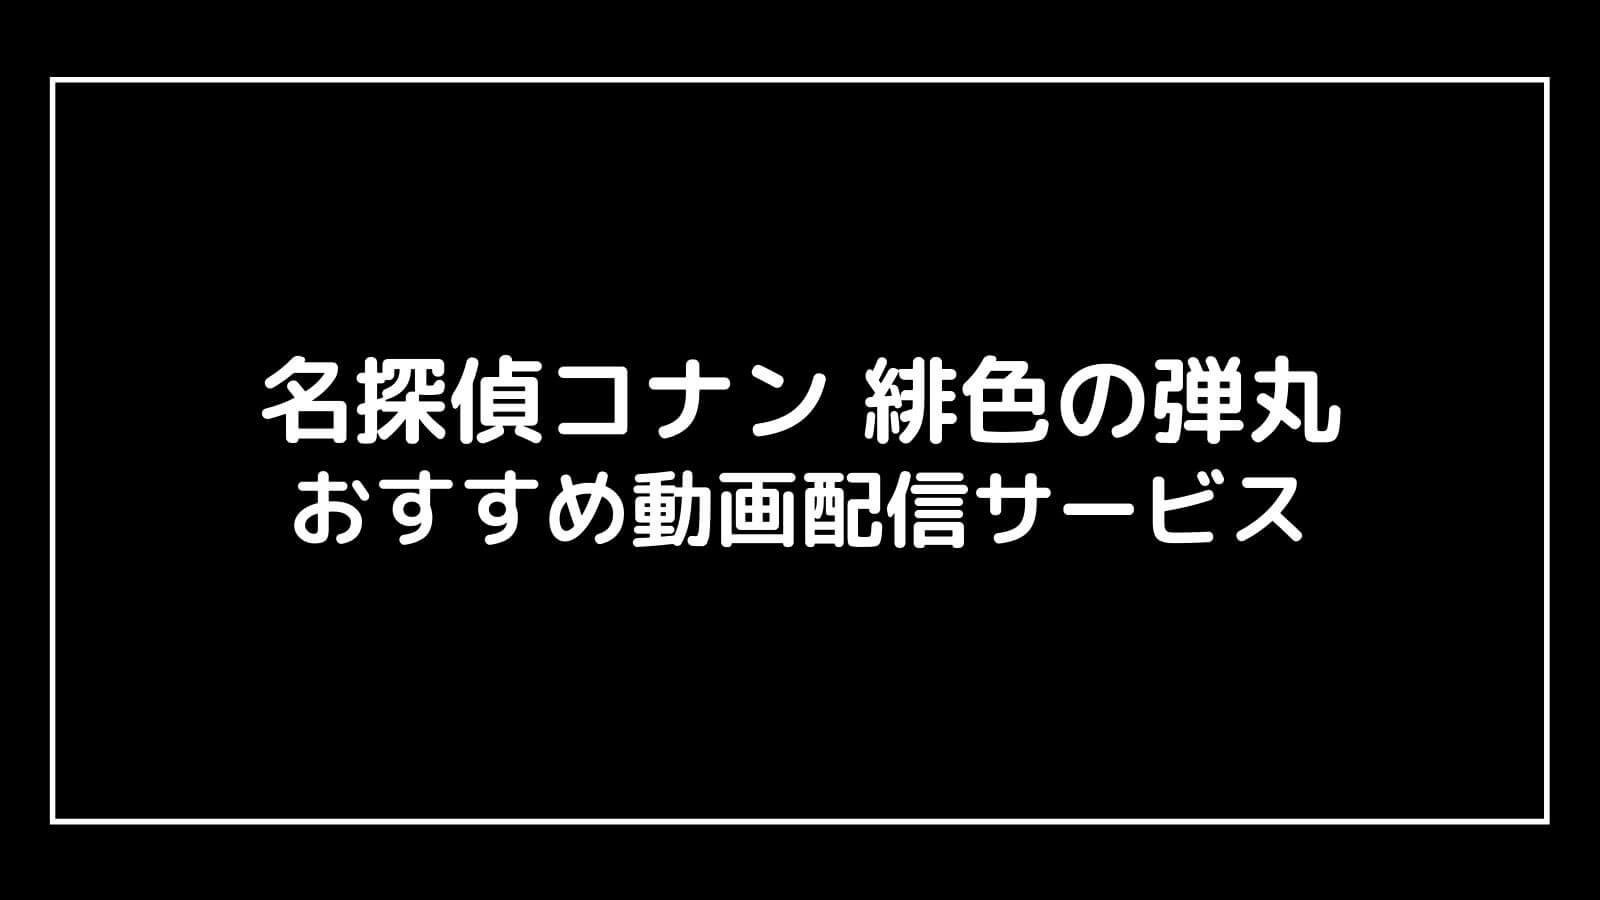 映画『名探偵コナン 緋色の弾丸』を安全に無料視聴できる動画配信サービスは?